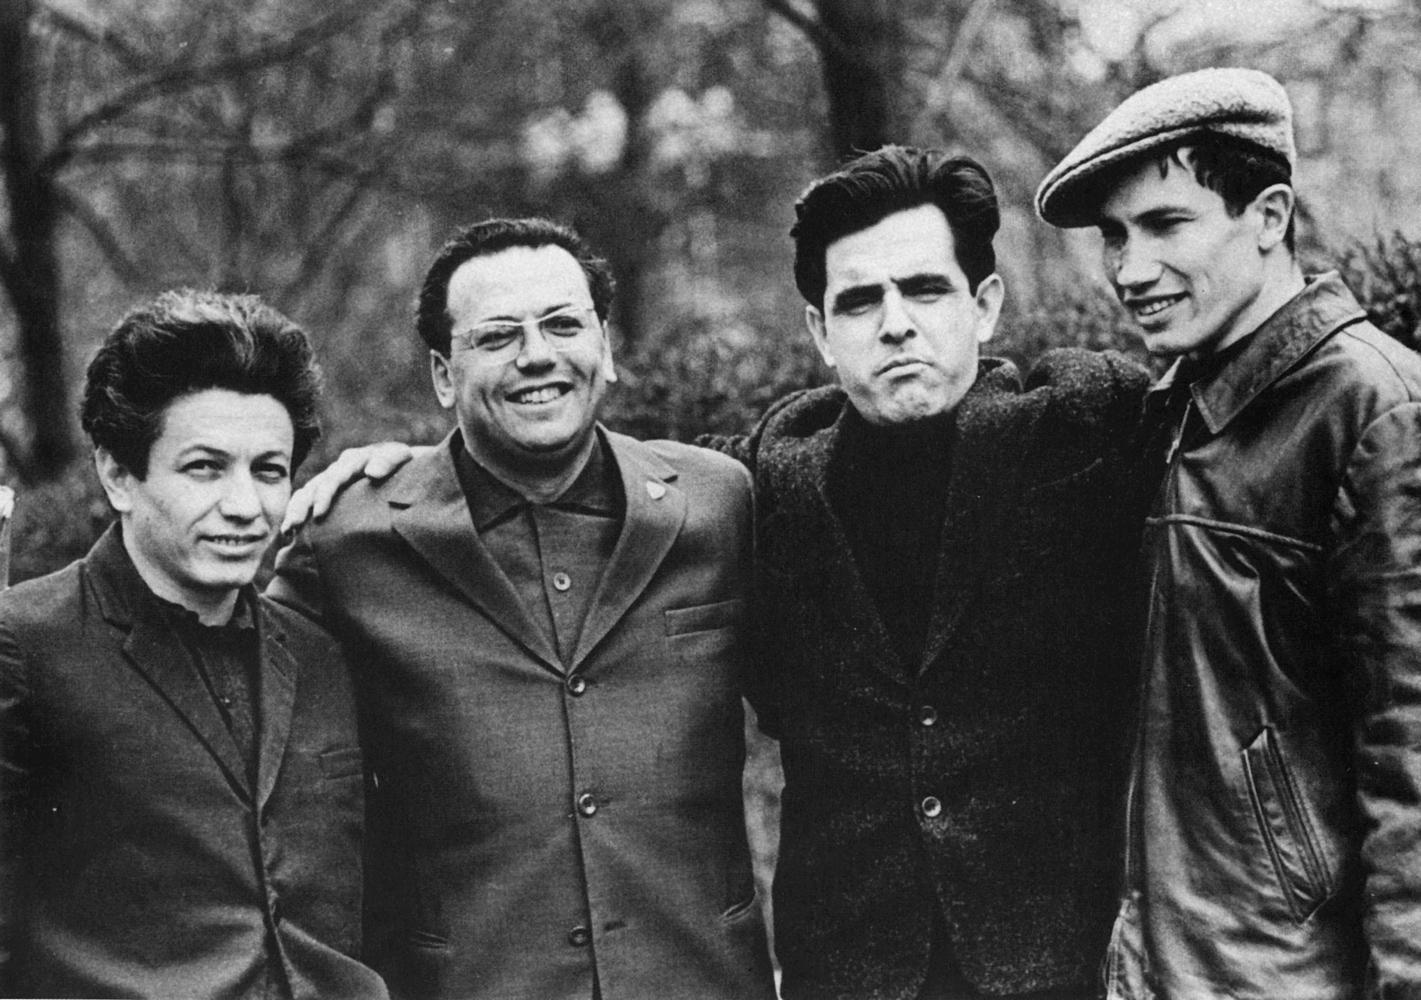 1964. Молодые писатели Владимир Войнович, Илья Зверев, Фазиль Искандер, Георгий Владимов в сквере на Пушкинской площади